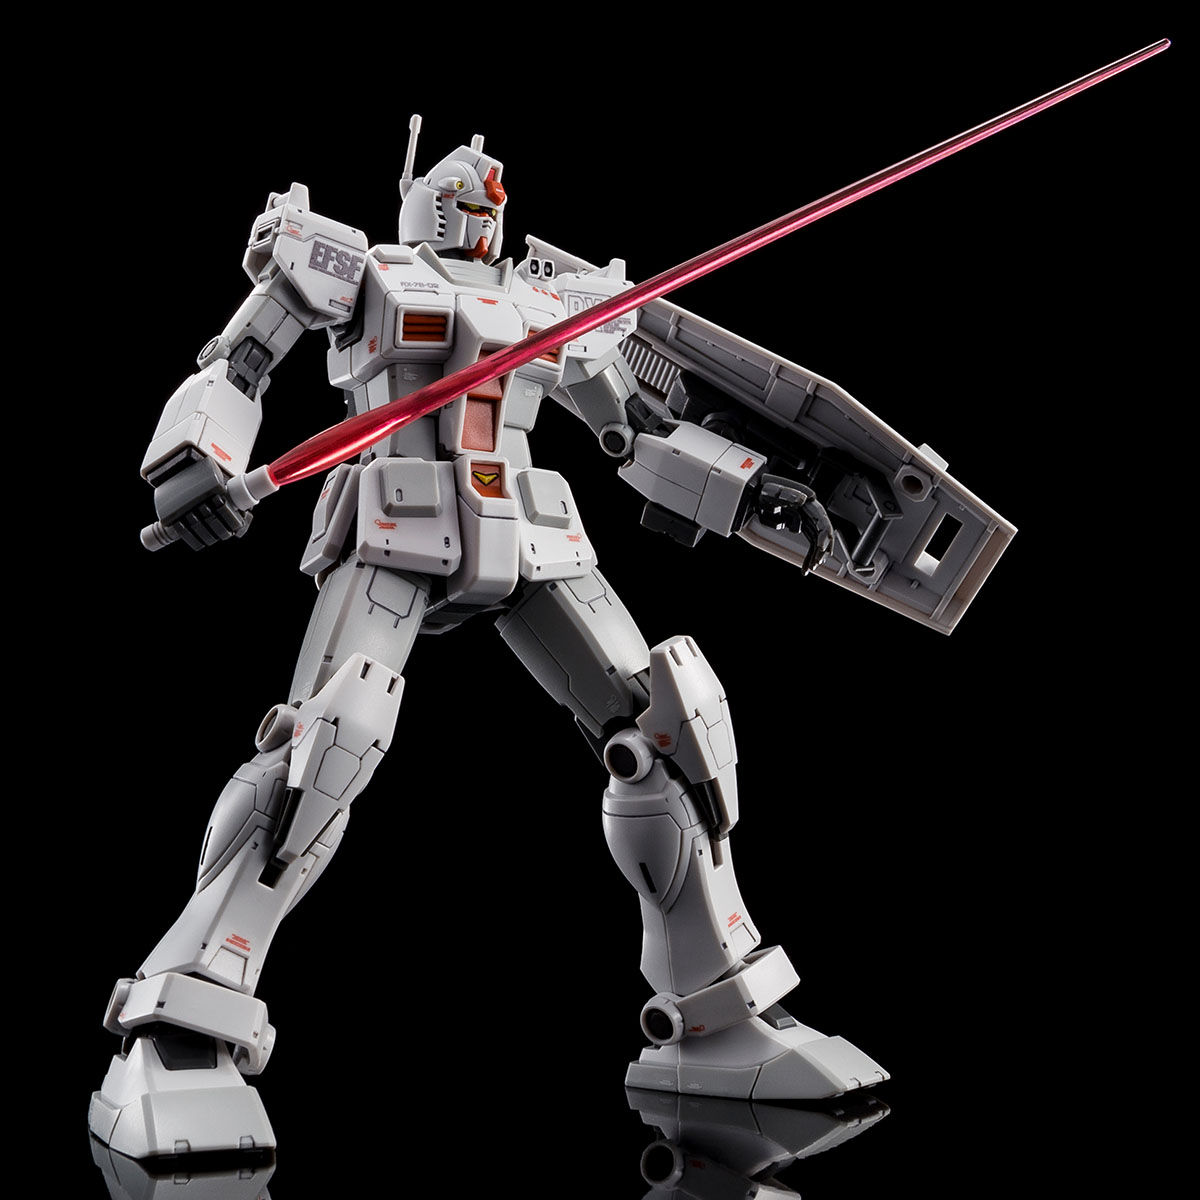 【限定販売】【2次】HG 1/144『RX-78-02 ガンダム ロールアウトカラー(GUNDAM THE ORIGIN版)』プラモデル-005